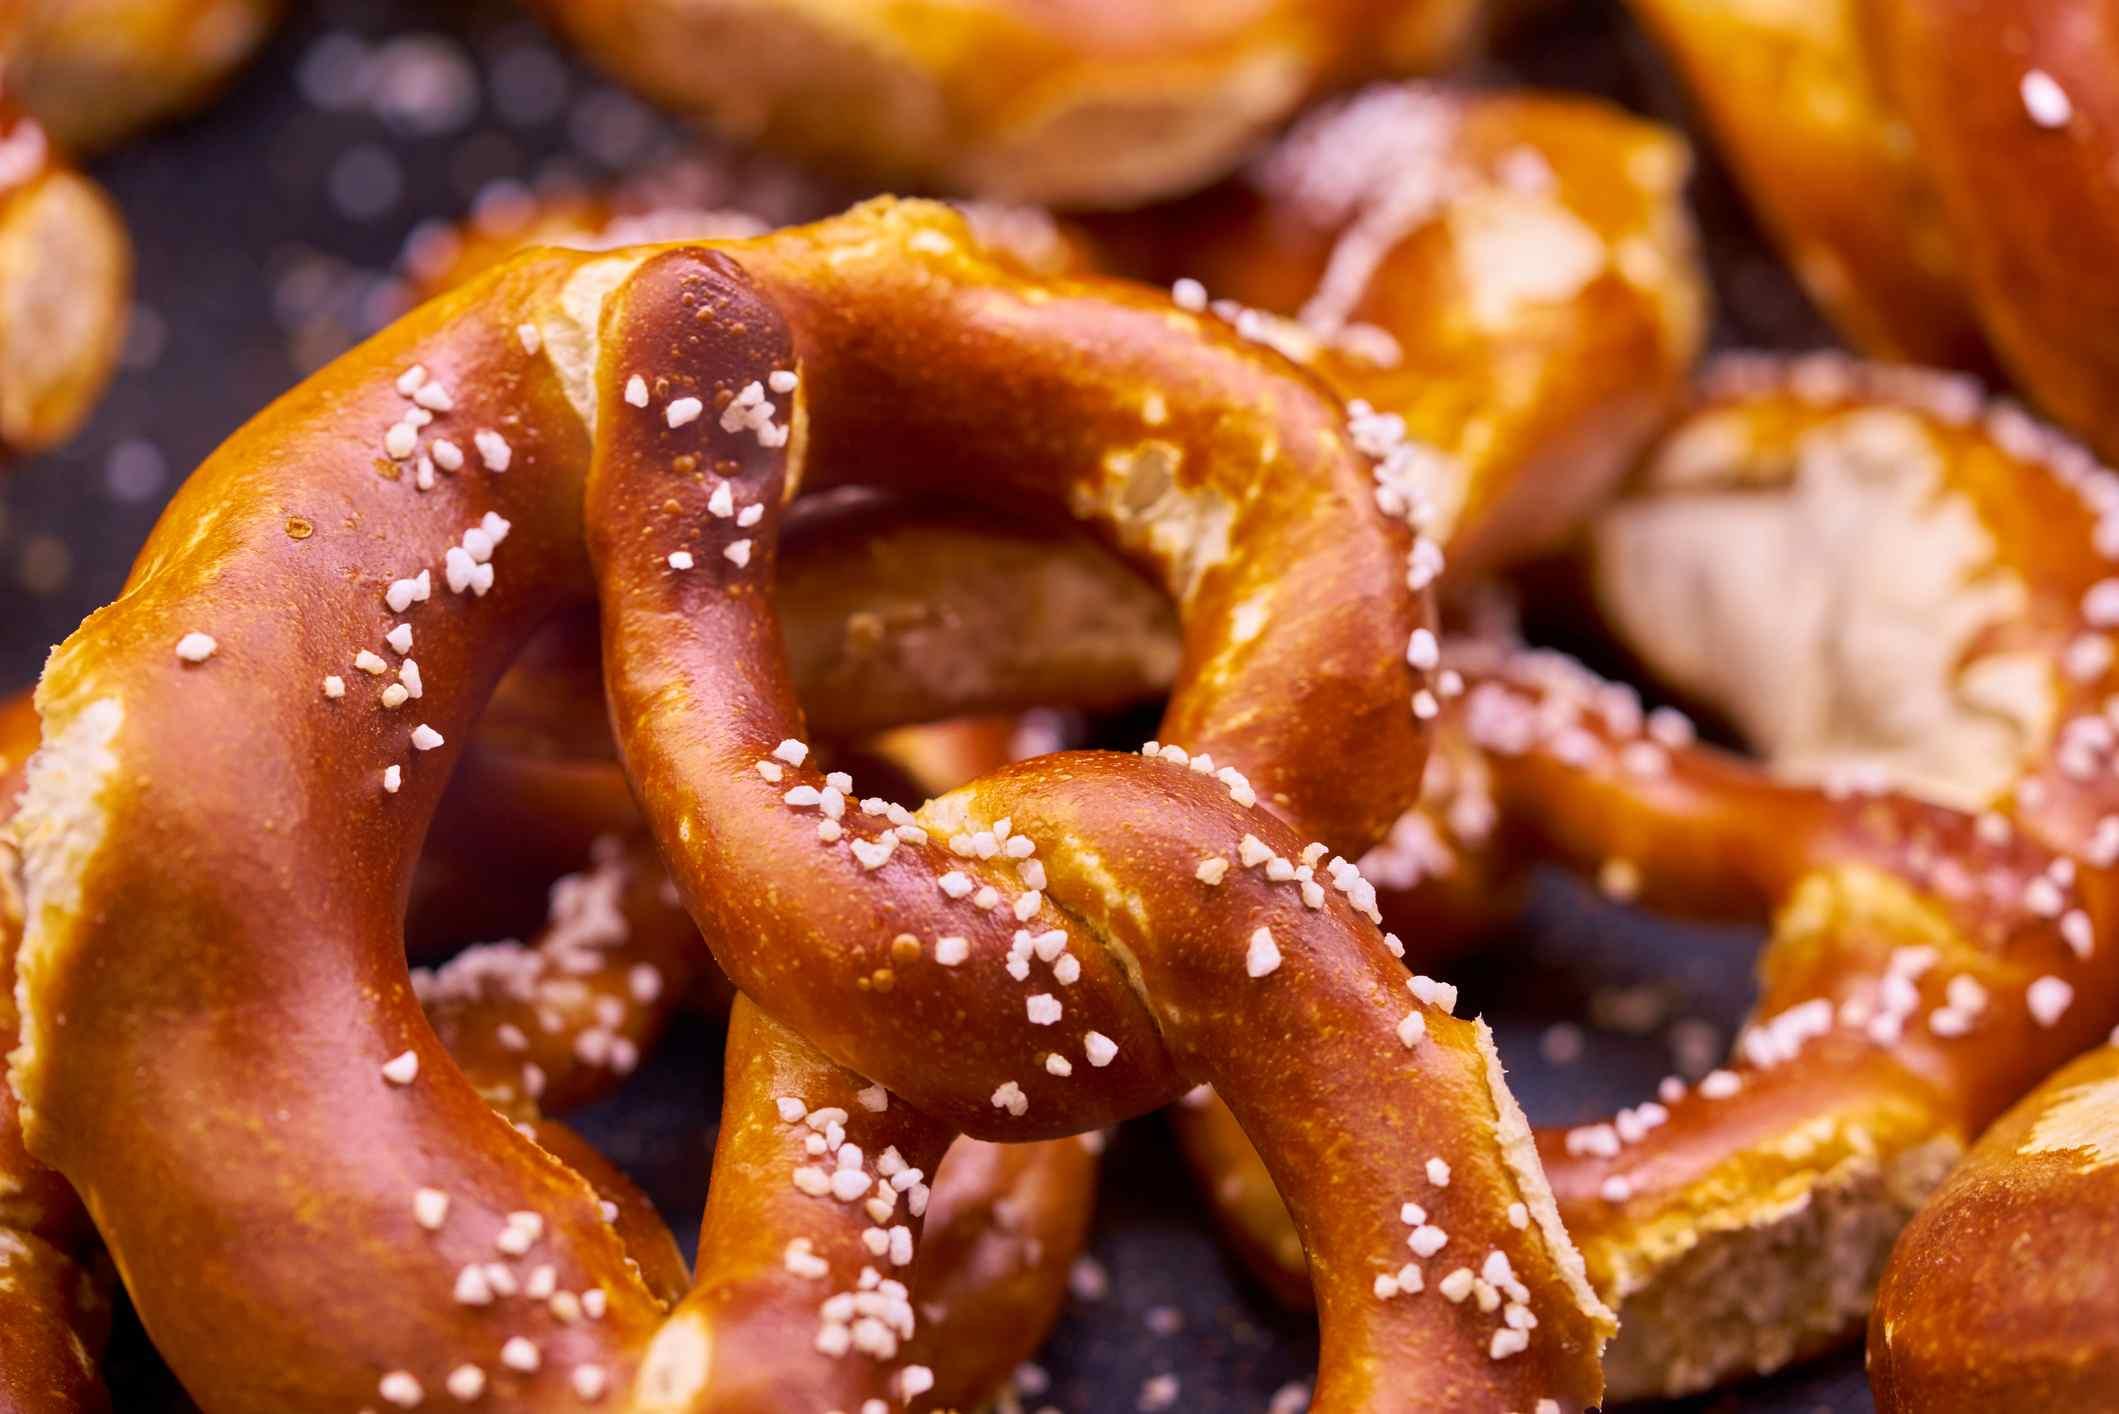 A close-up of soft pretzels.